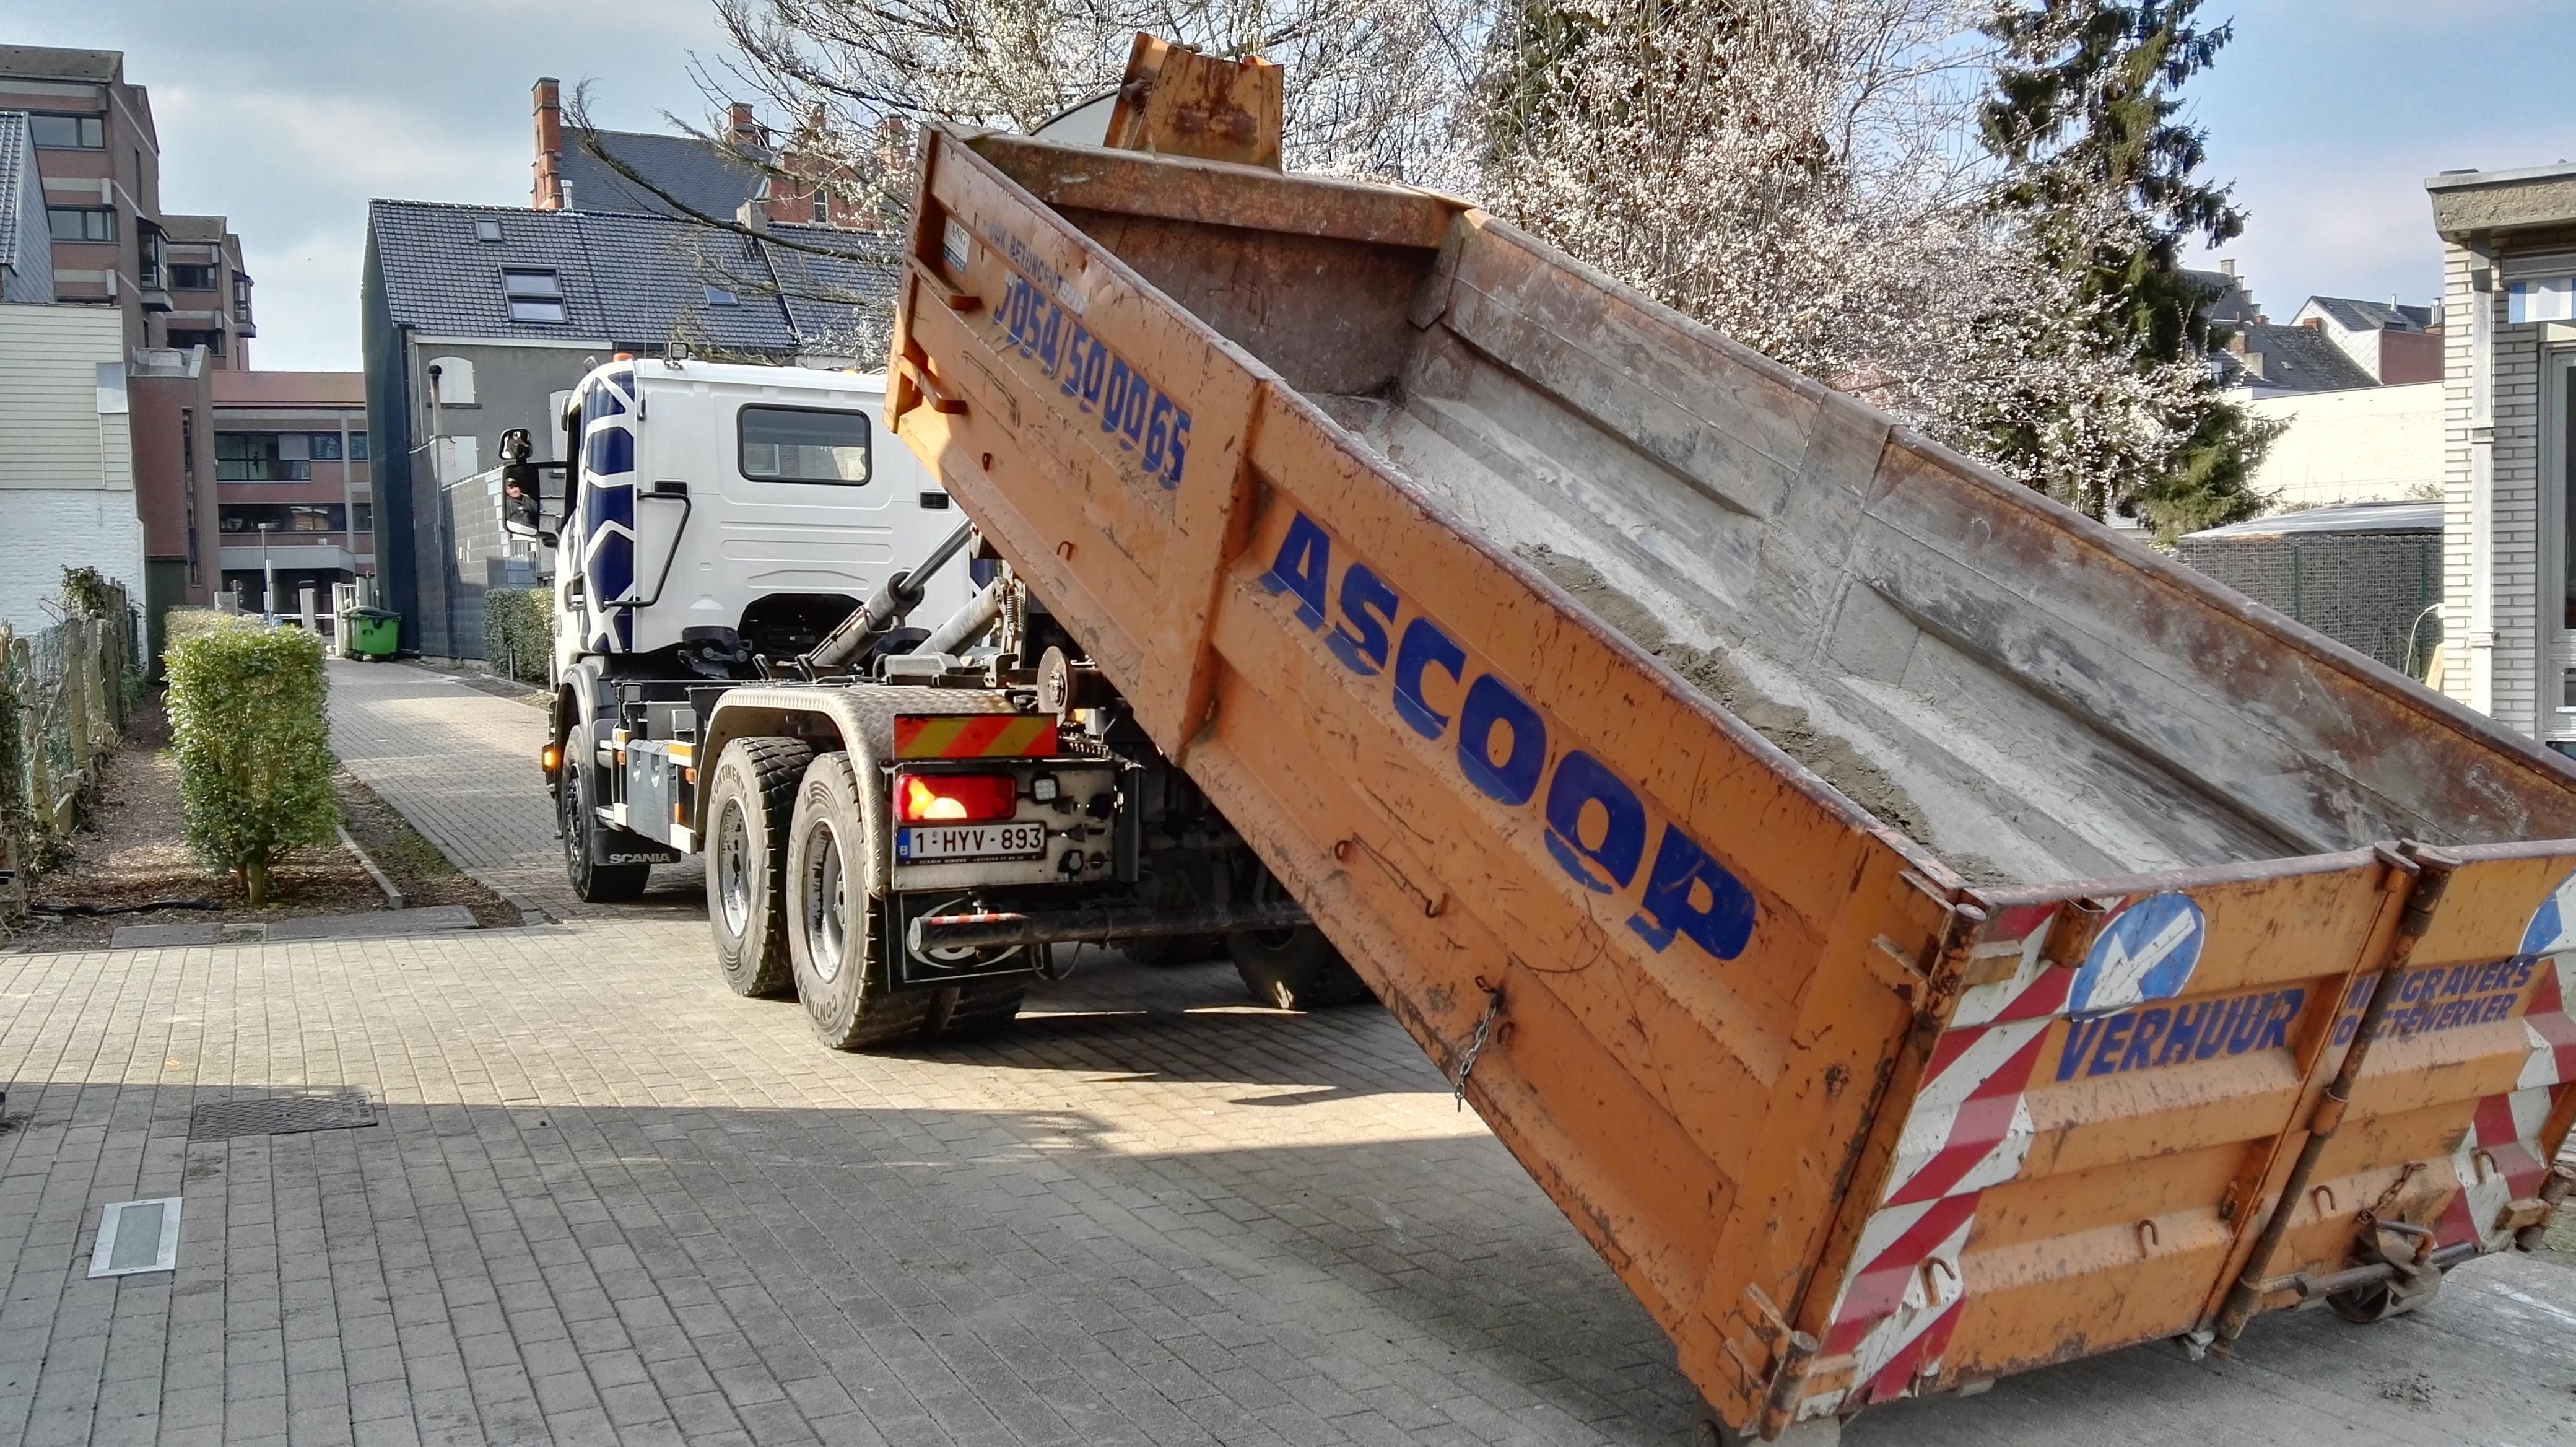 Verhuur van afvalcontainers